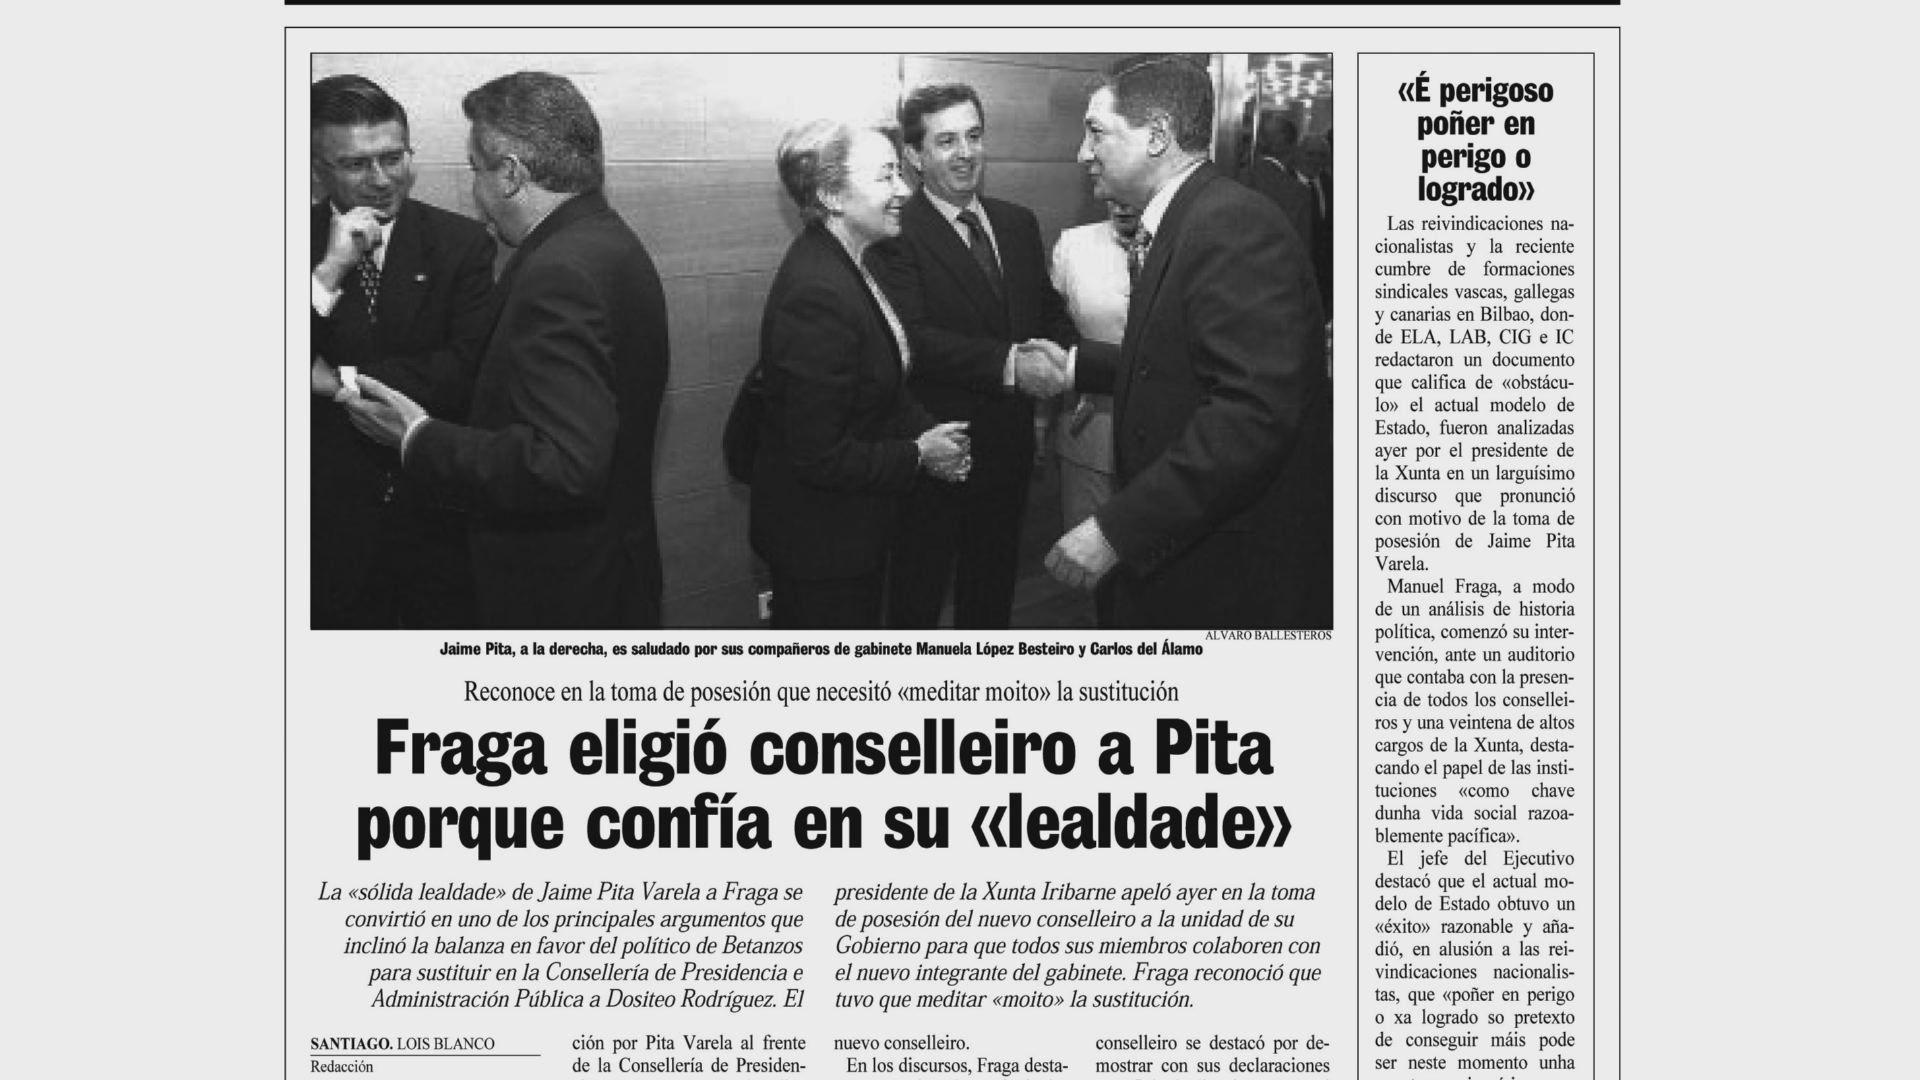 Página de La Voz de Galicia del 21 de febrero de 1999